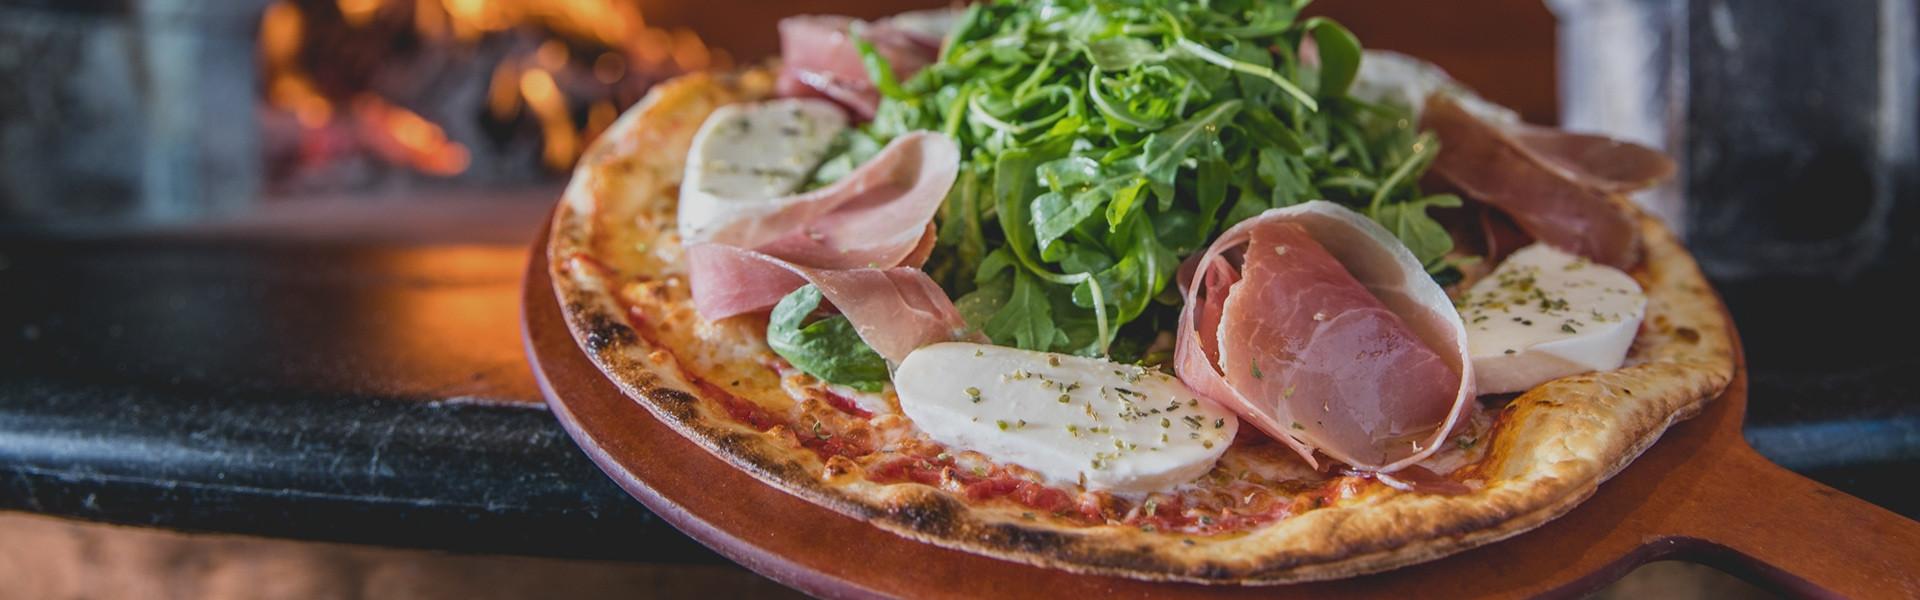 Enoteca Monza Pizzeria Moderna - Centropolis